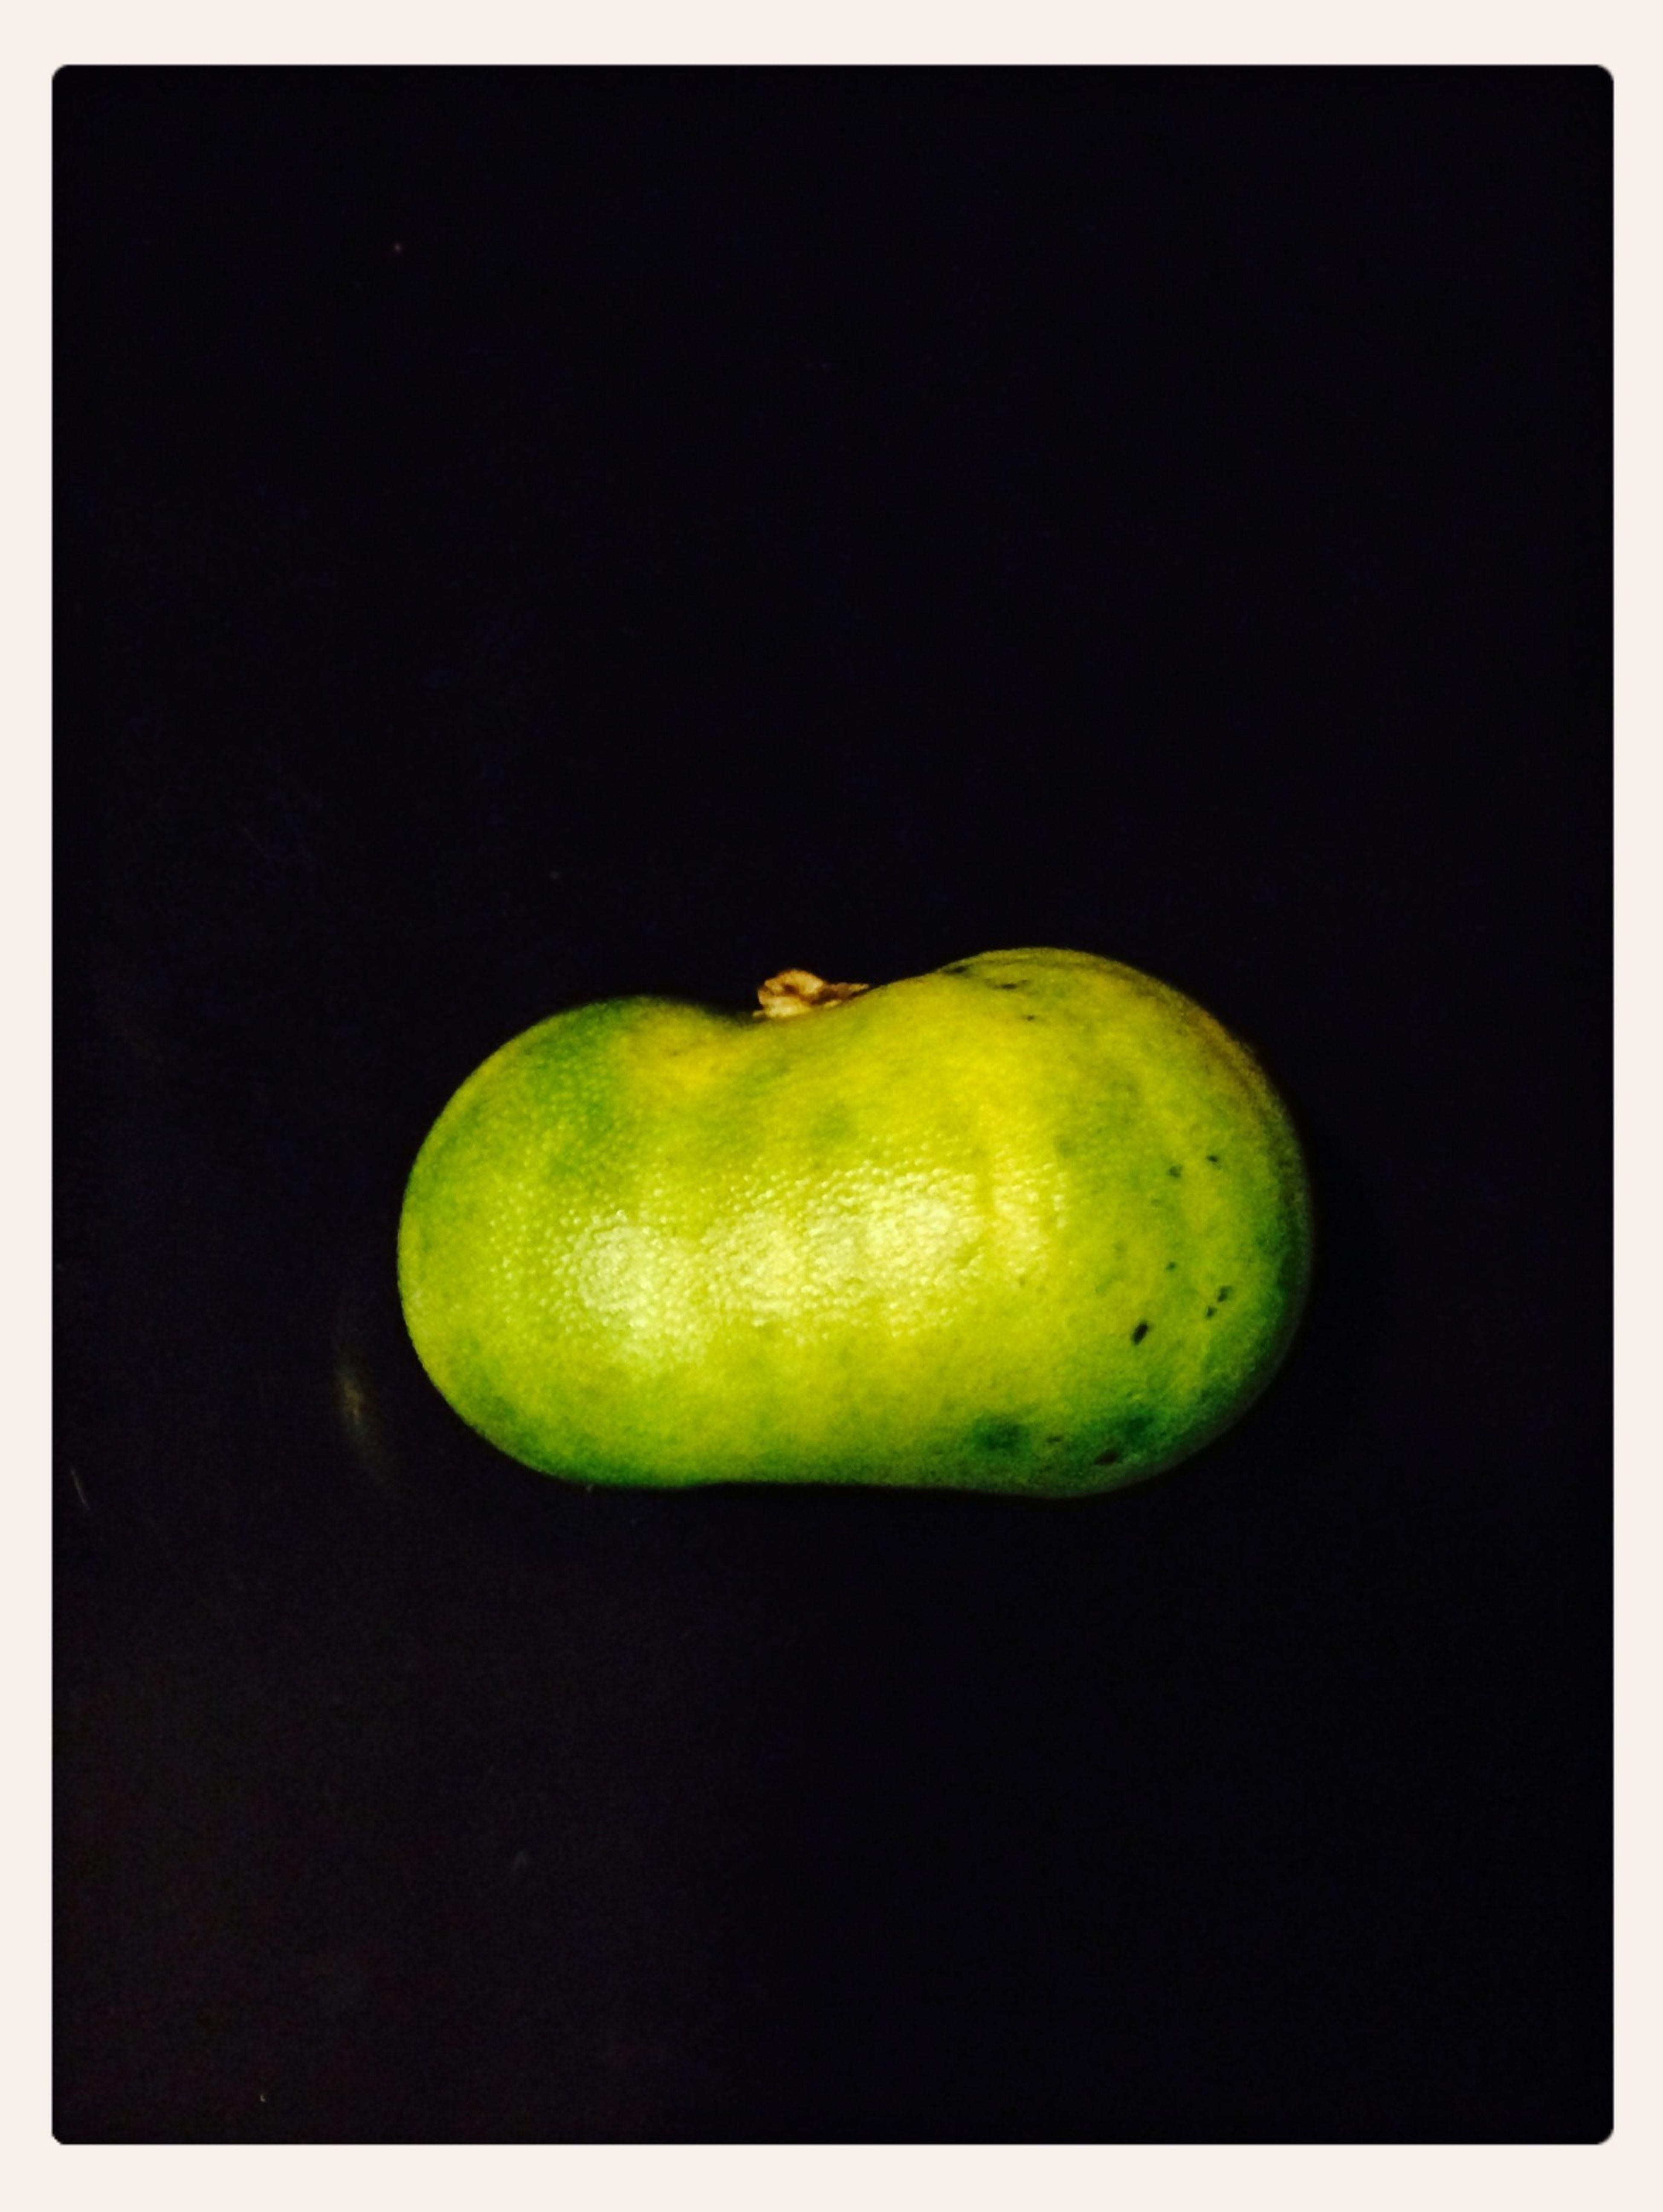 Lemon in pumpkin shape